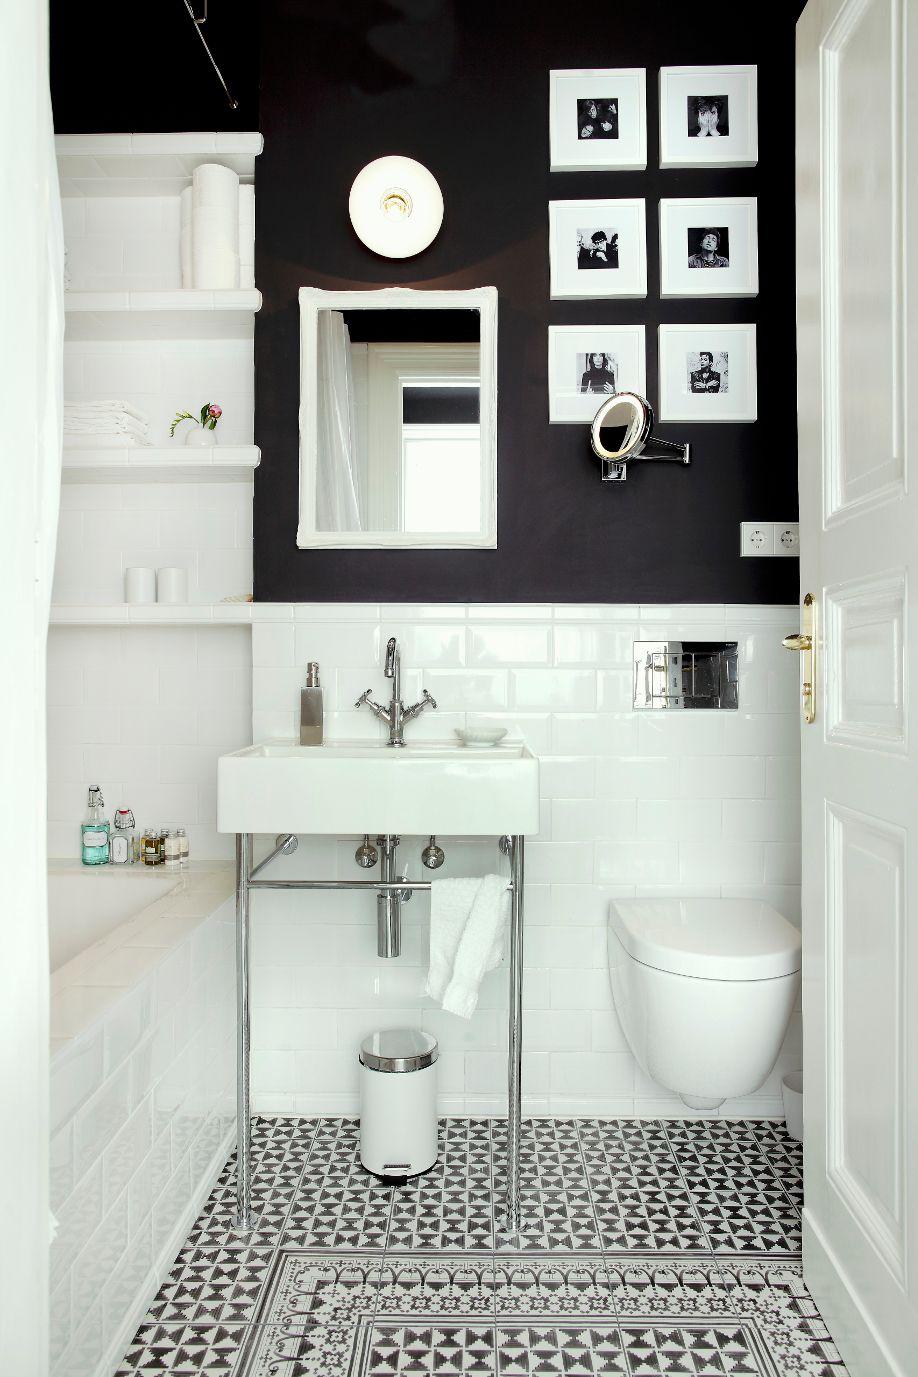 Badezimmer design ideen klein tipps für kleine badezimmer hier im westwingmagazin  bad